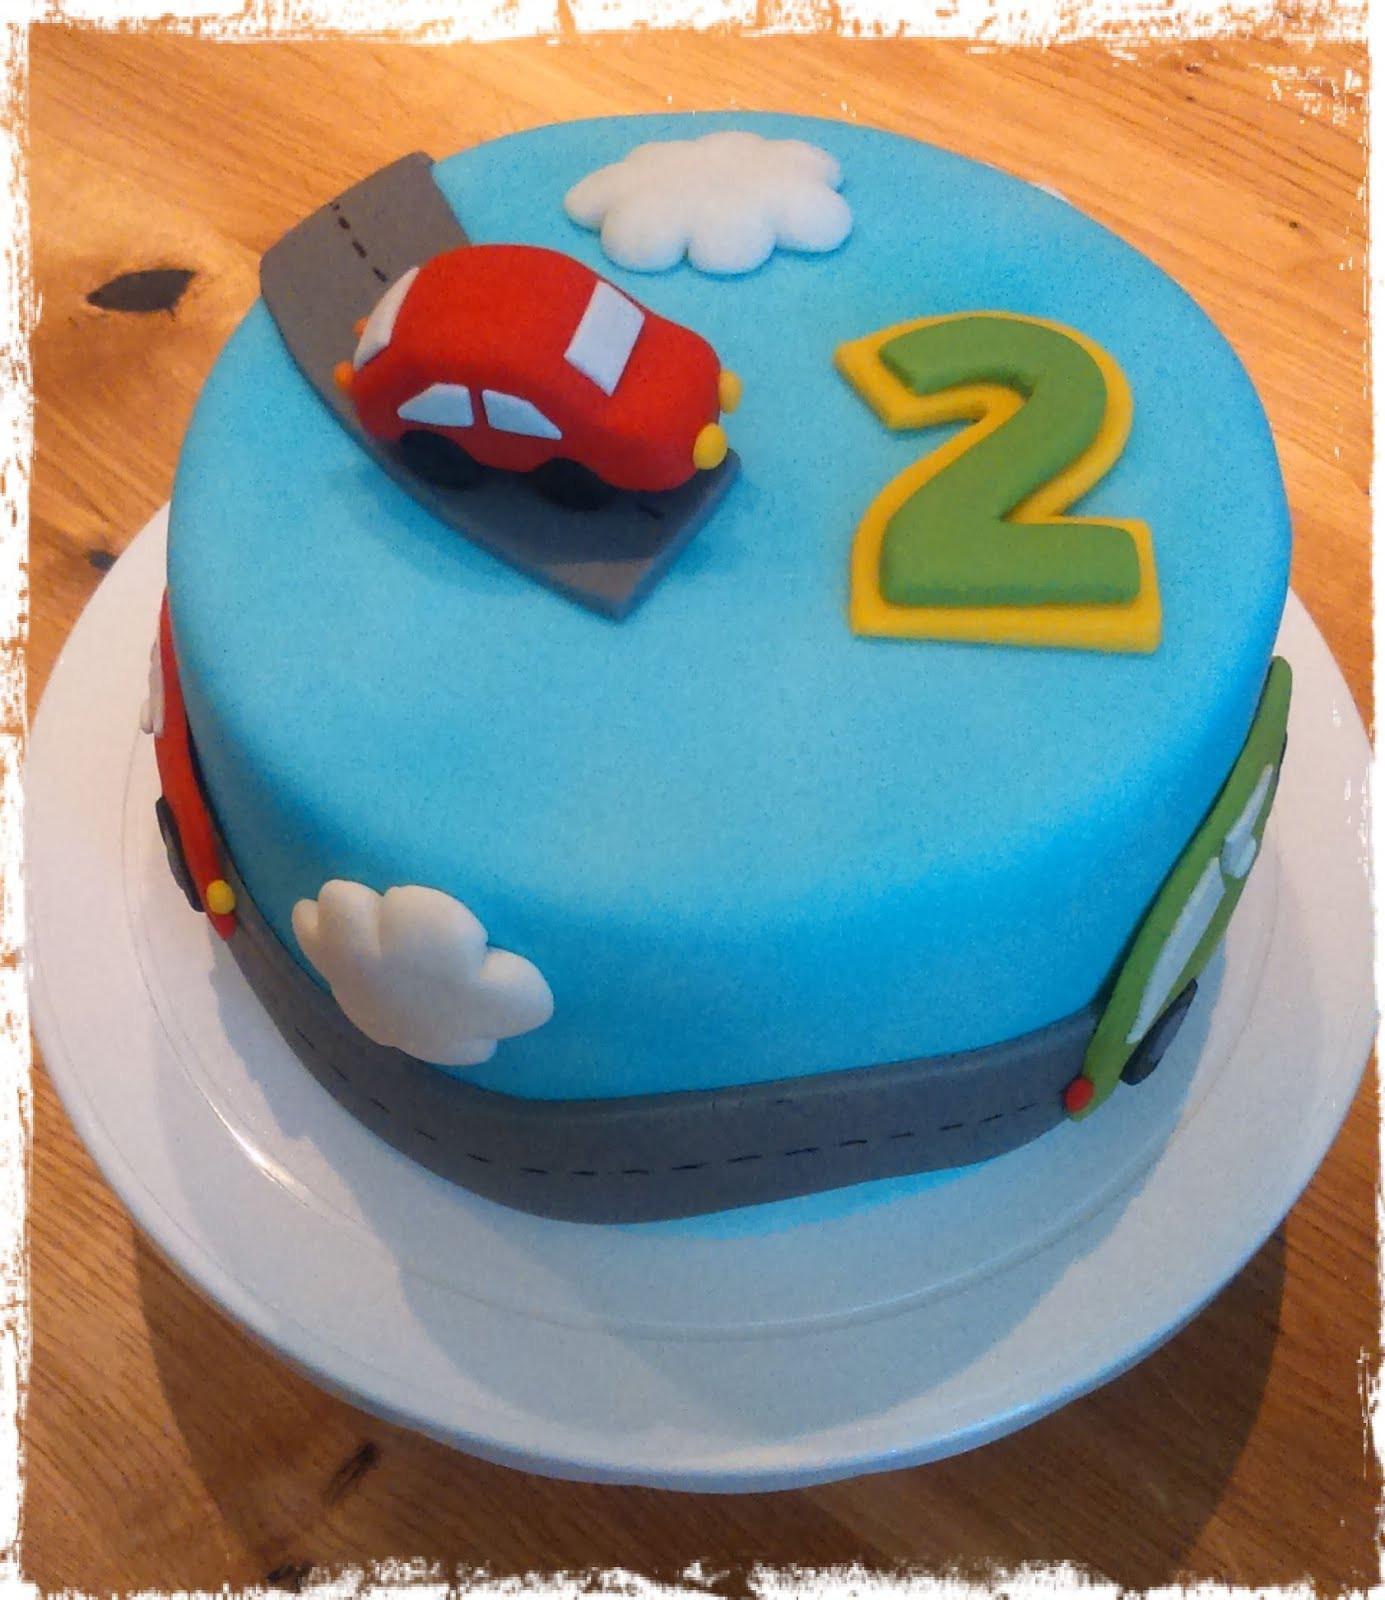 Geburtstagstorte 2 Jahre  Kaccy s Lounge Eine feine Geburtstagstorte zum 2 Geburtstag